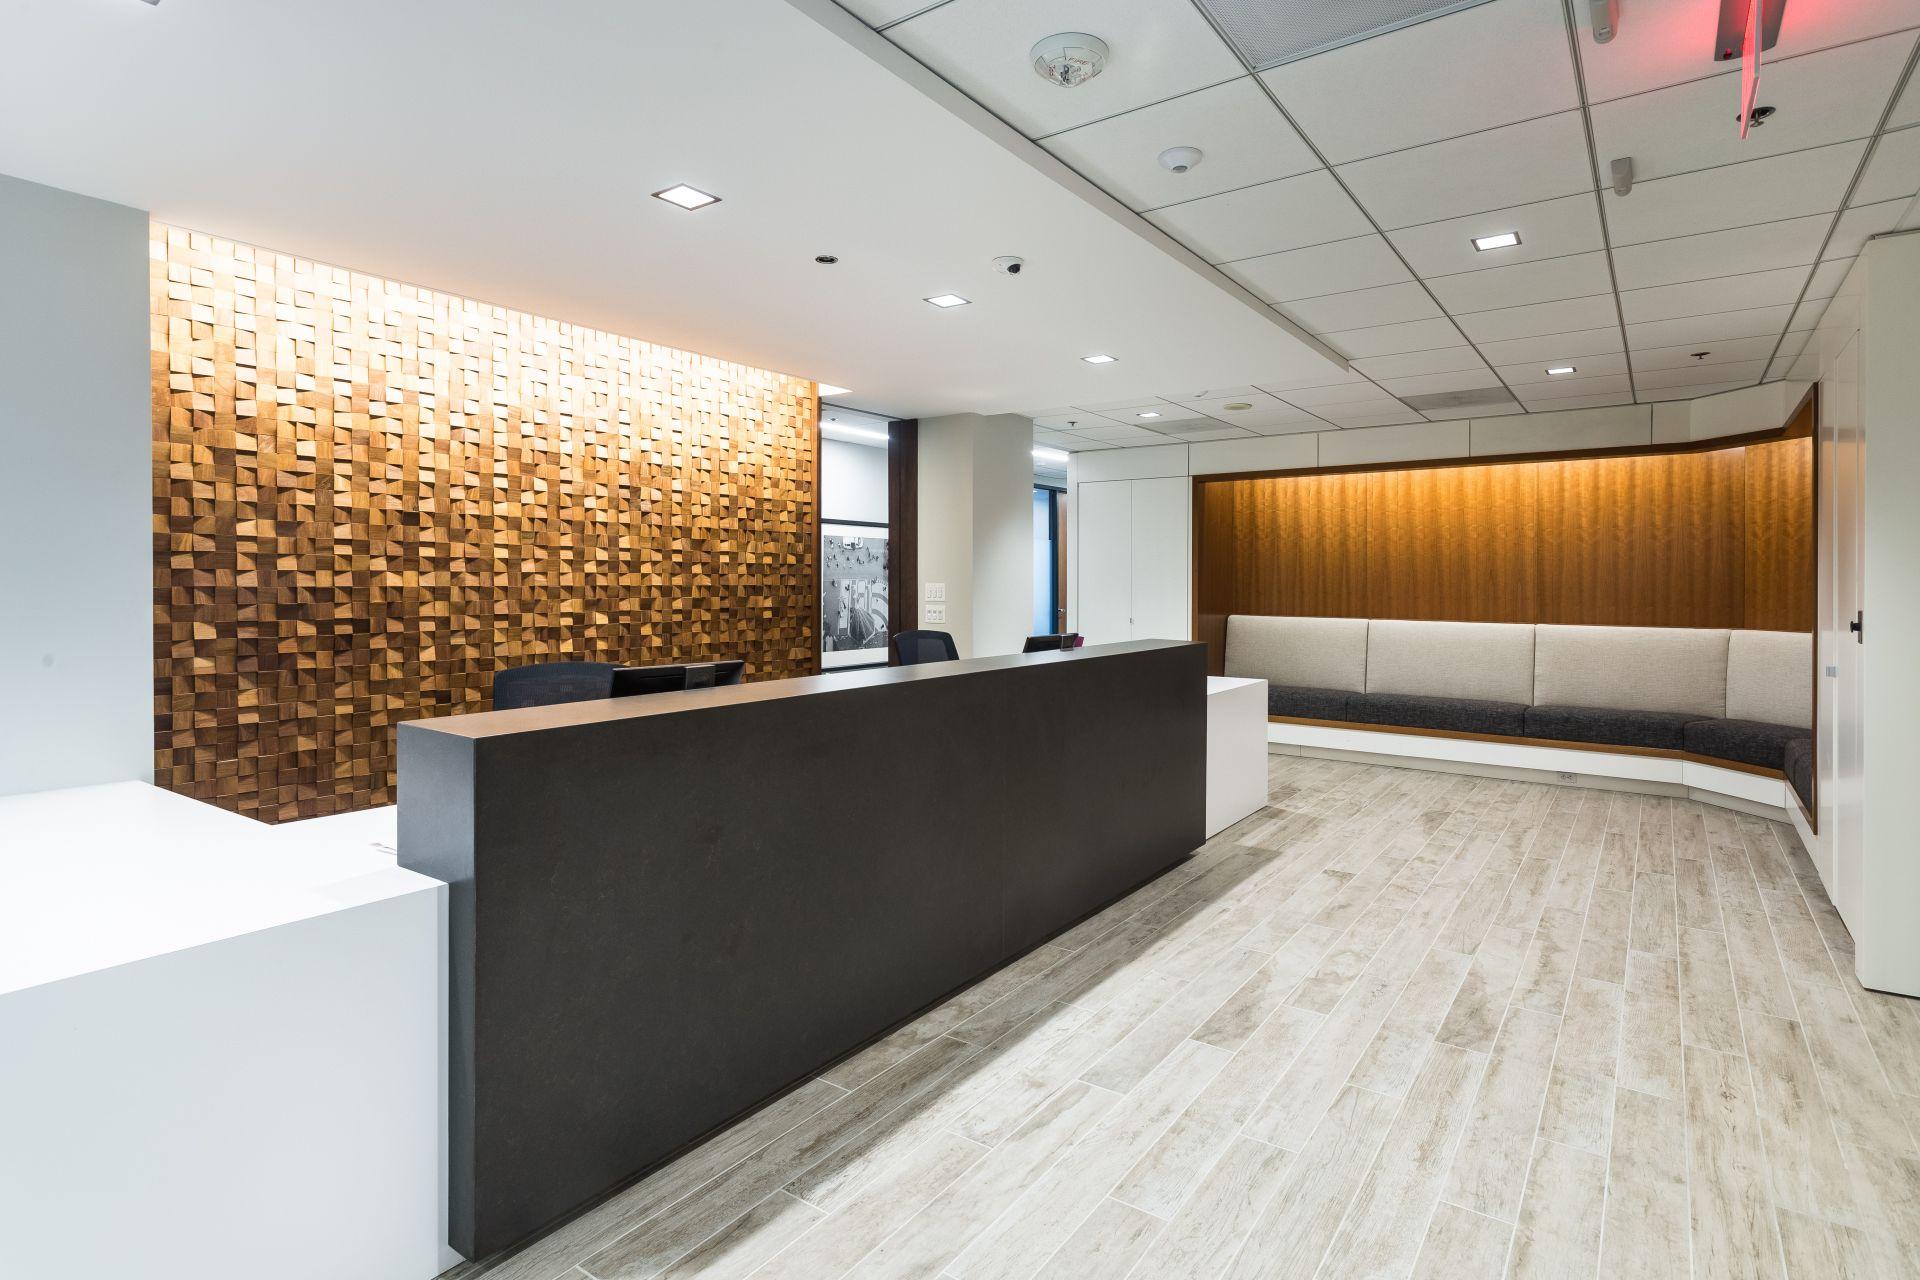 District Offices - Farragut, Washington